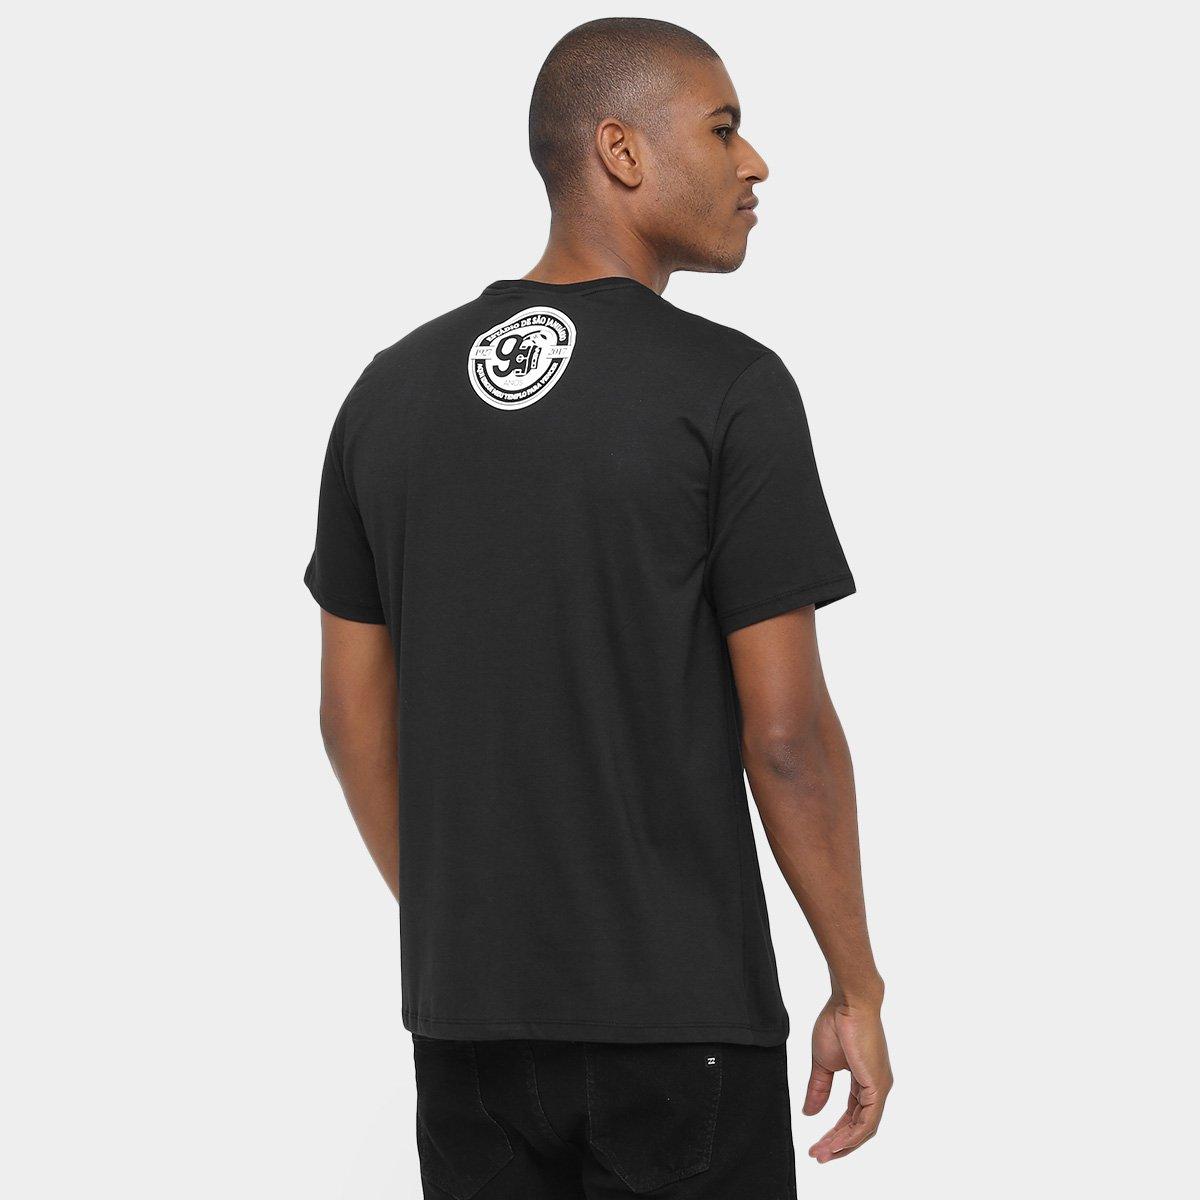 Camiseta Vasco São Januário 90 Anos Masculina - Preto - Compre Agora ... 6a12e79bb0999